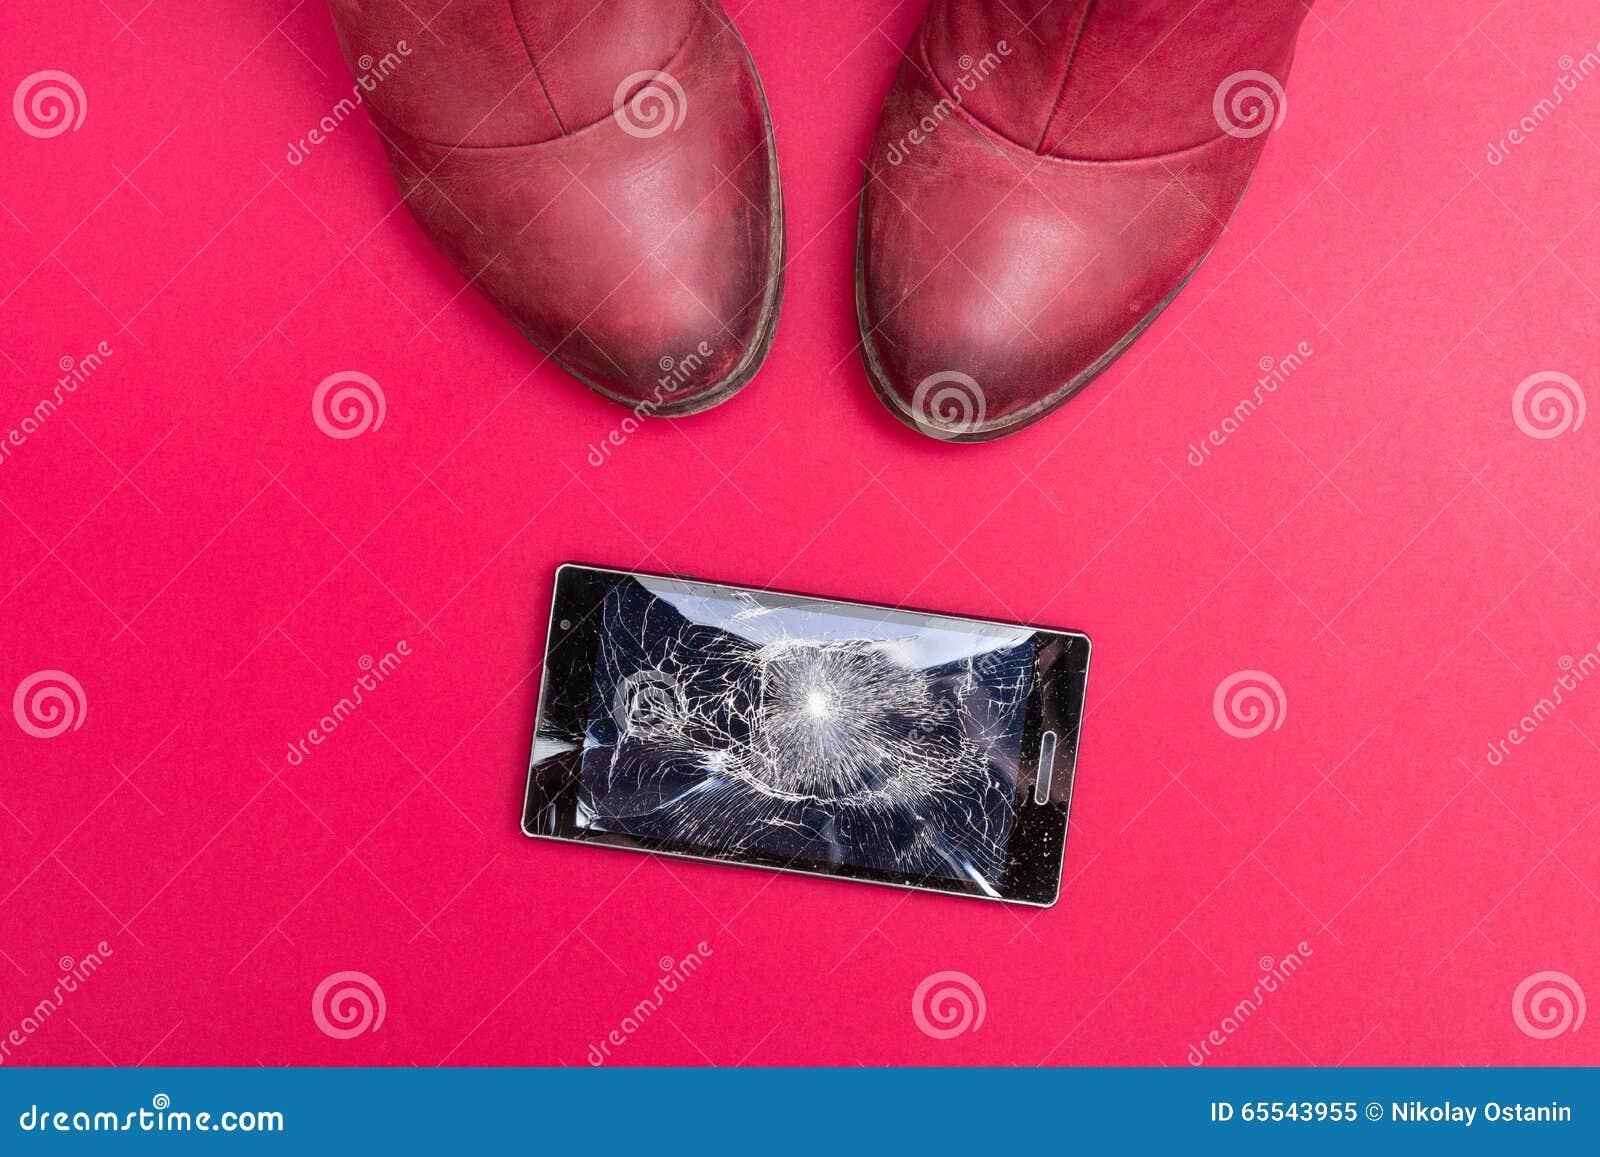 Mobile phone with broken screen on floor